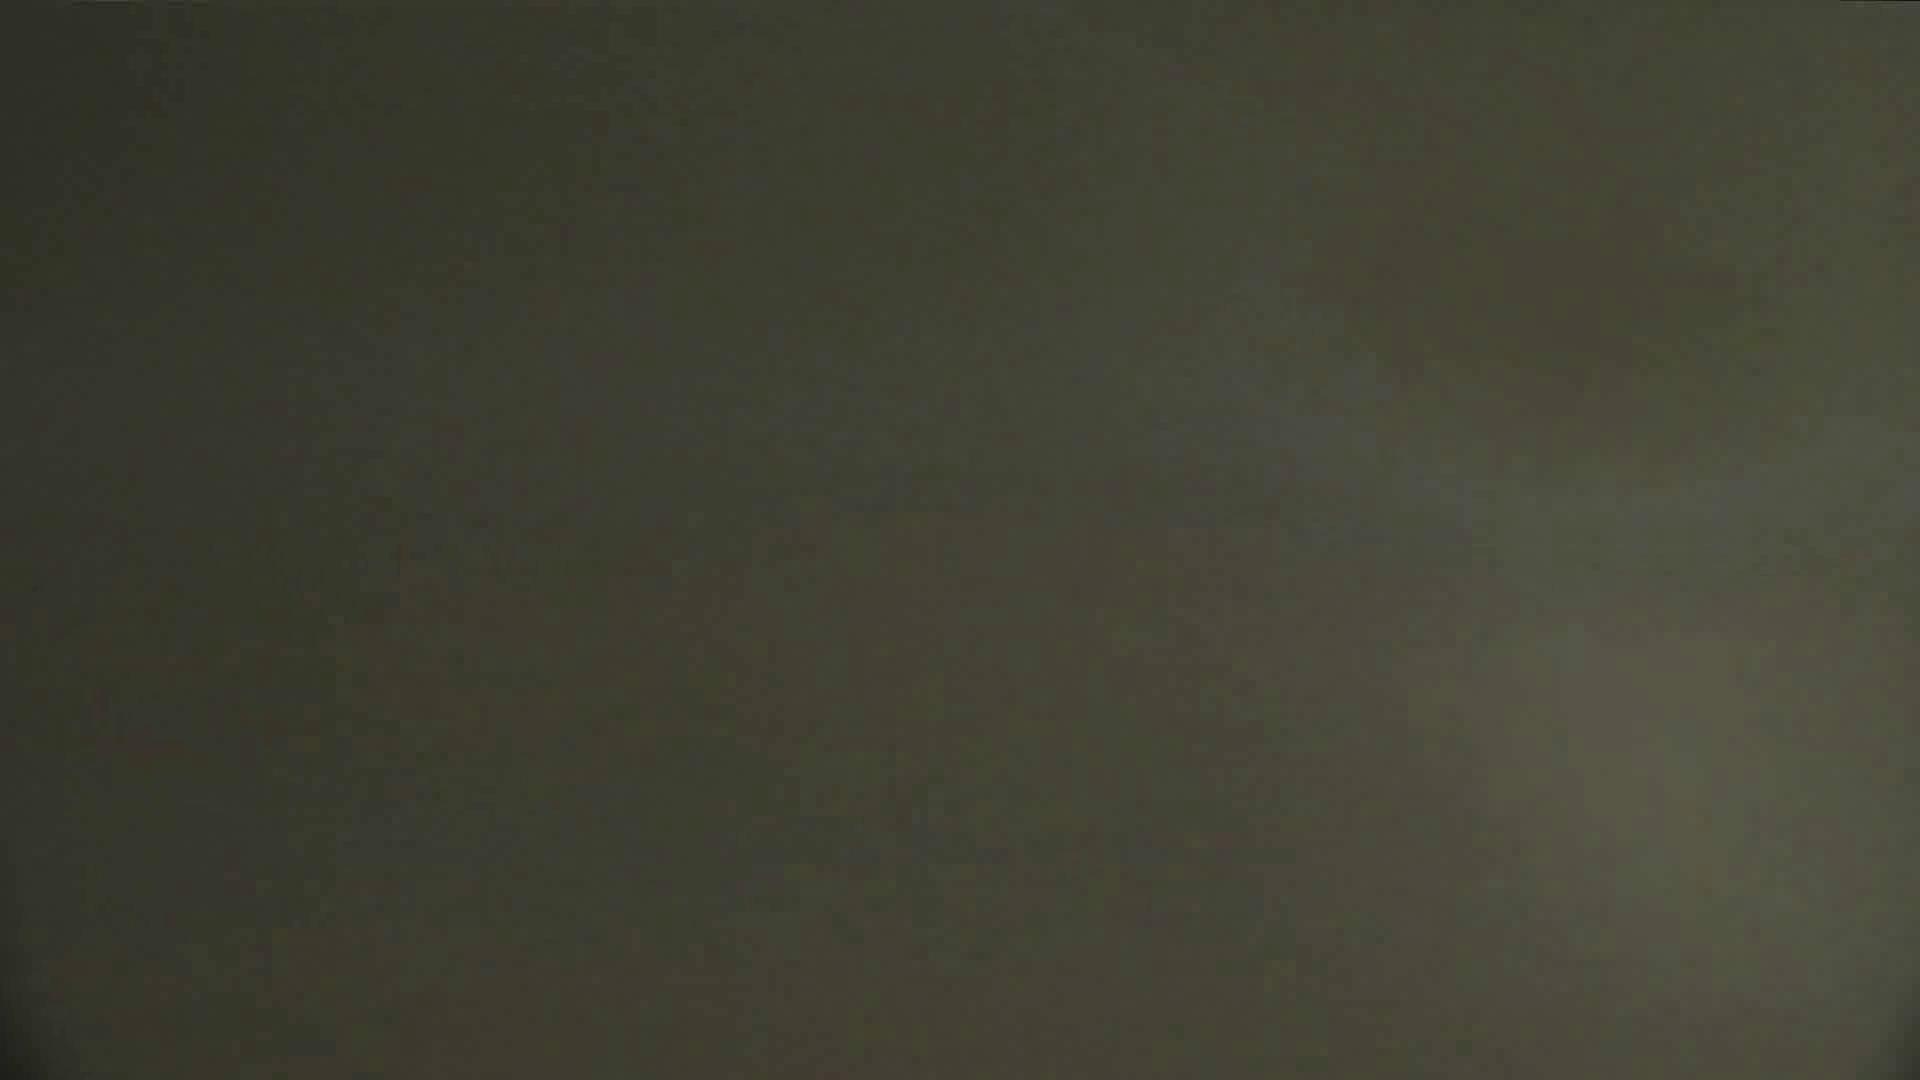 【美しき個室な世界】 vol.023 めんこい人たち 洗面所  104pic 56